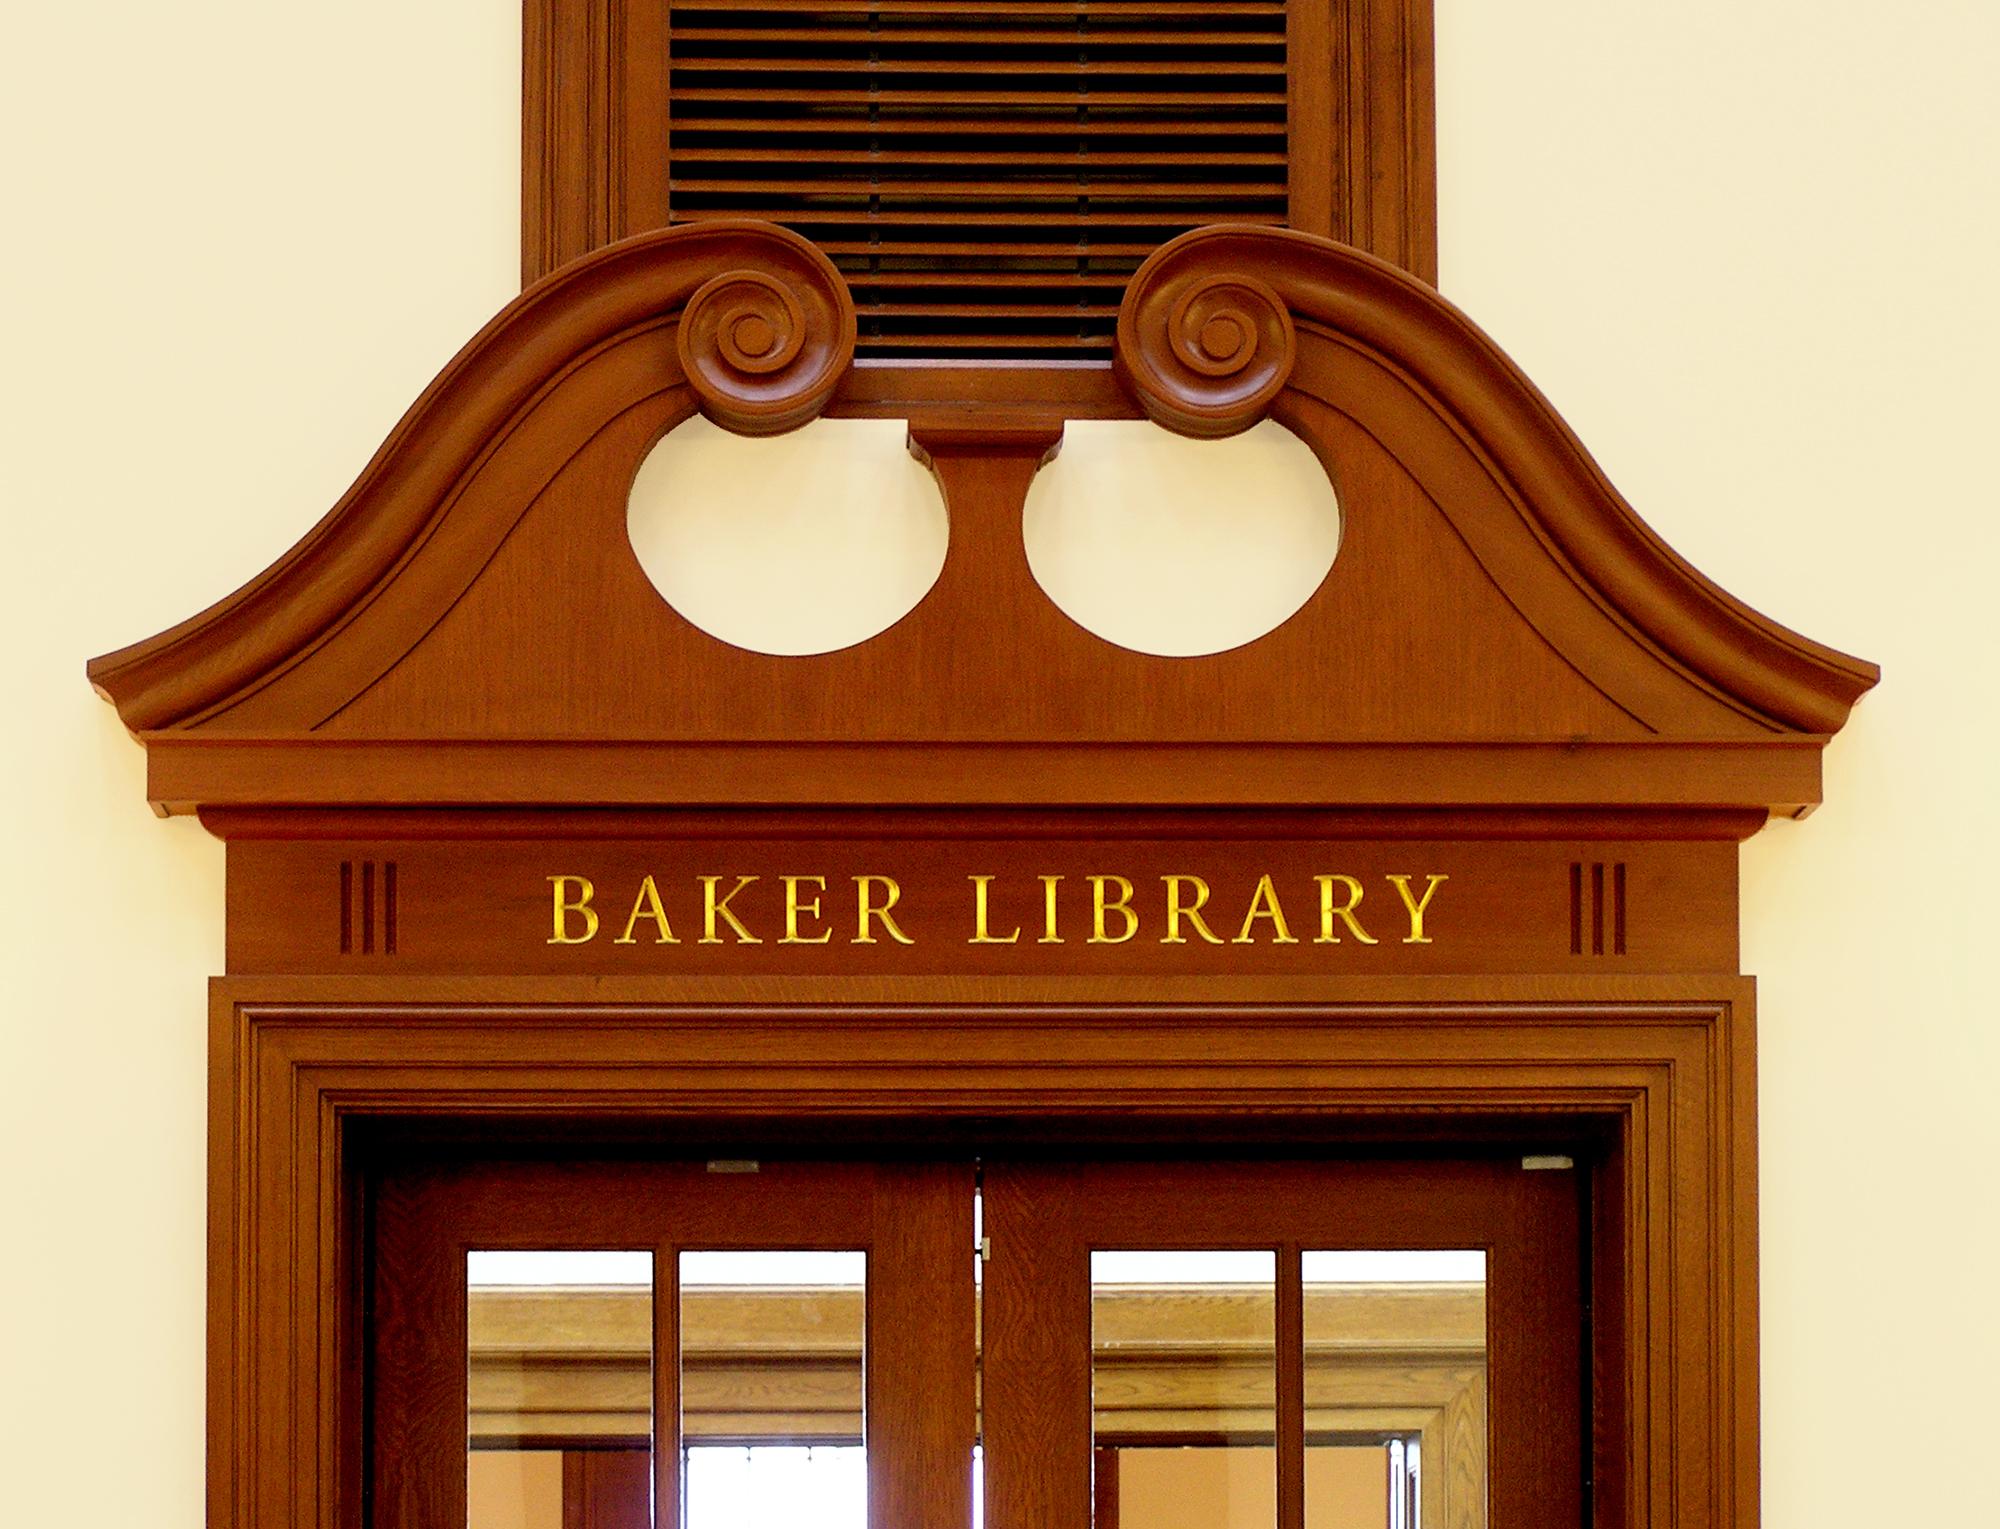 Baker_Library_letters.jpg